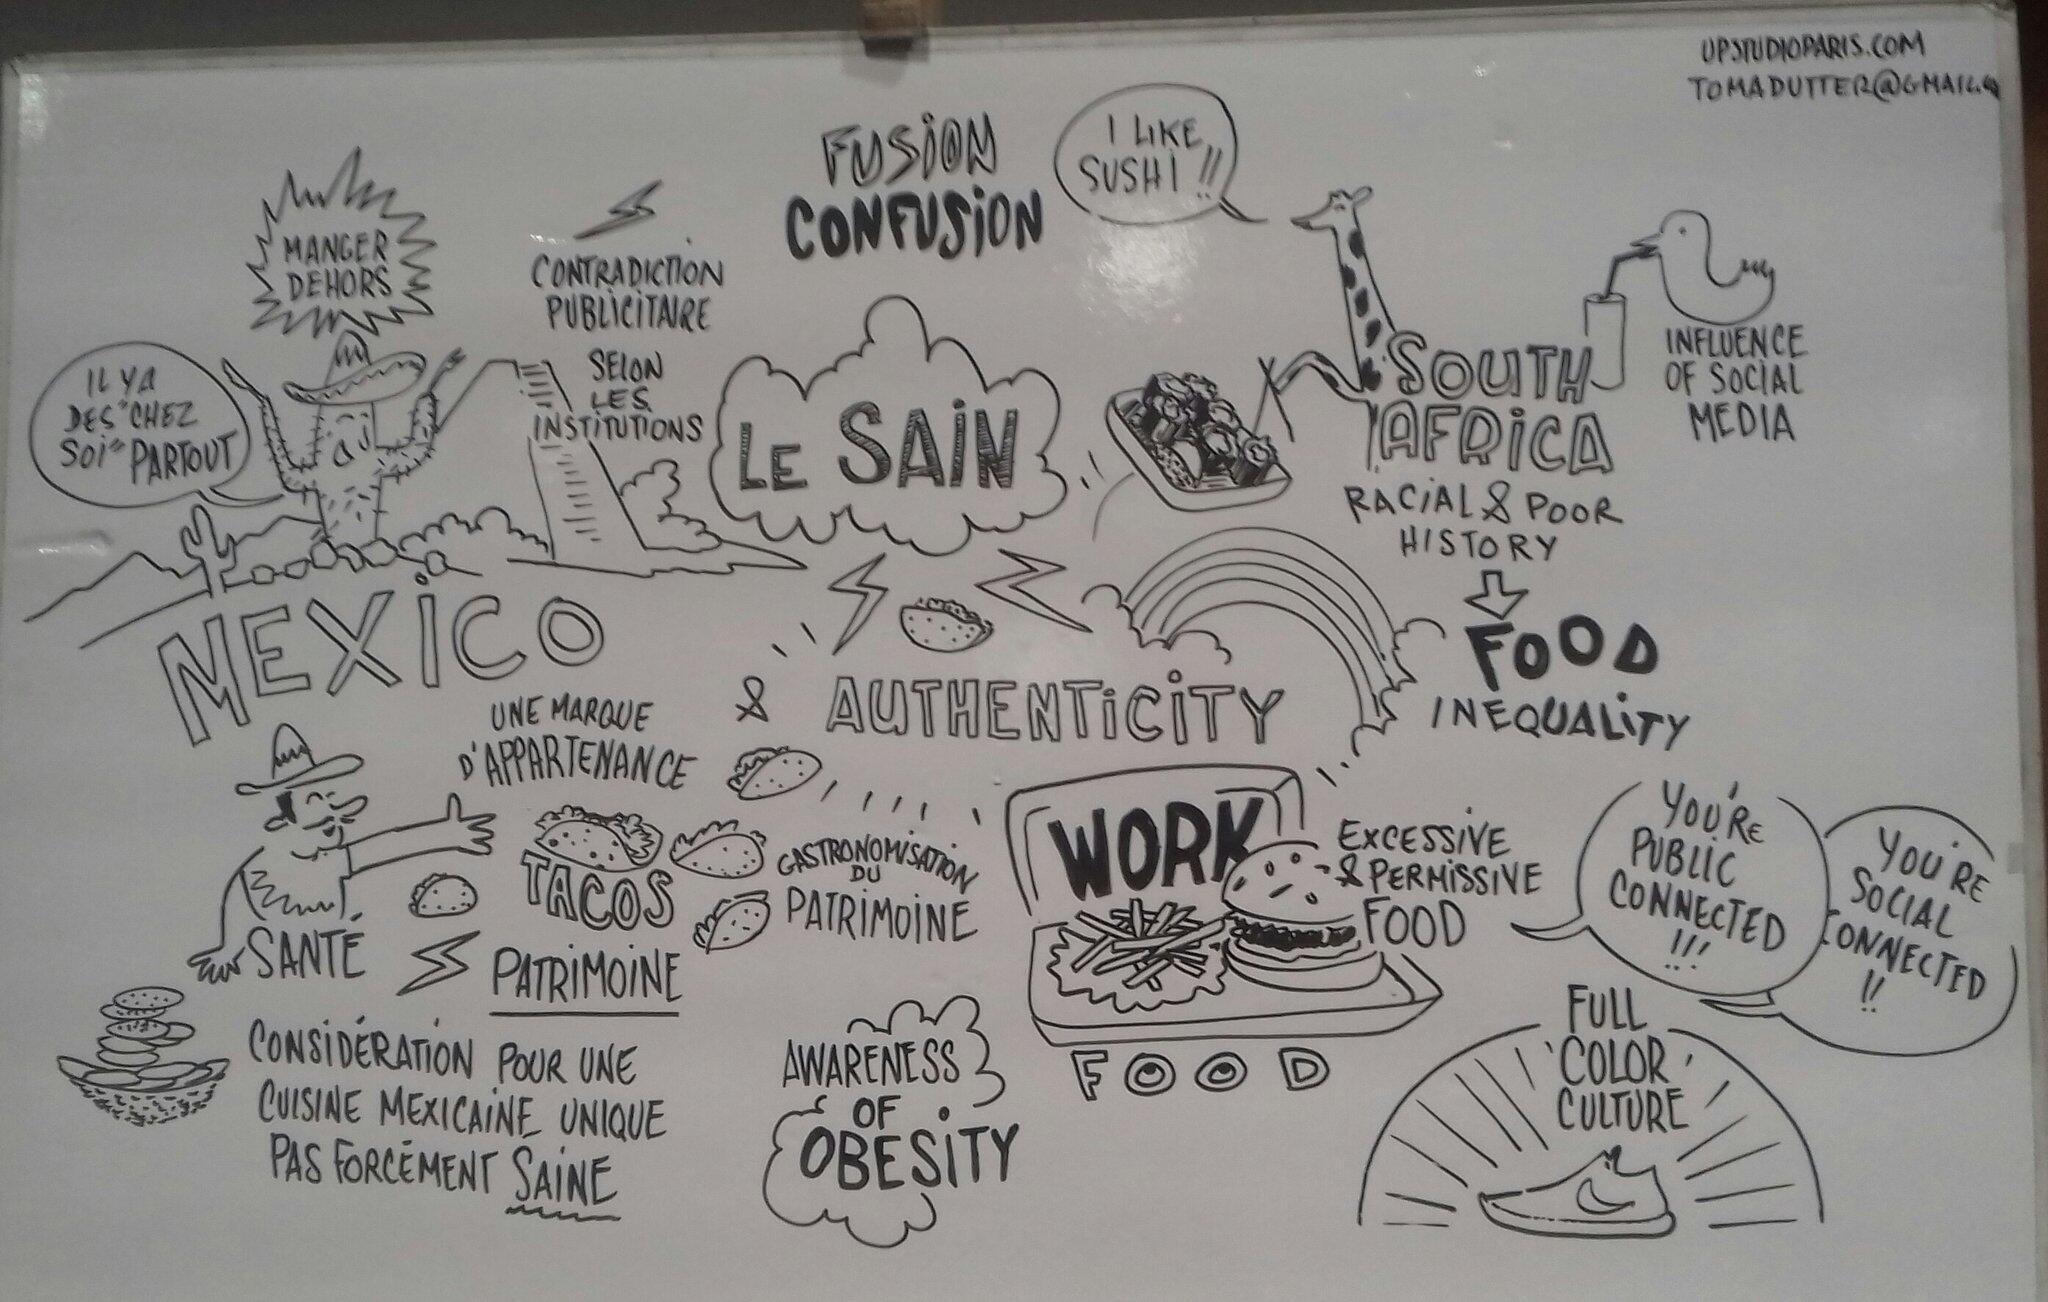 Caricatura hecha durante el coloquio, que sintetiza algunas problemáticas de la desconfianza alimentaria.